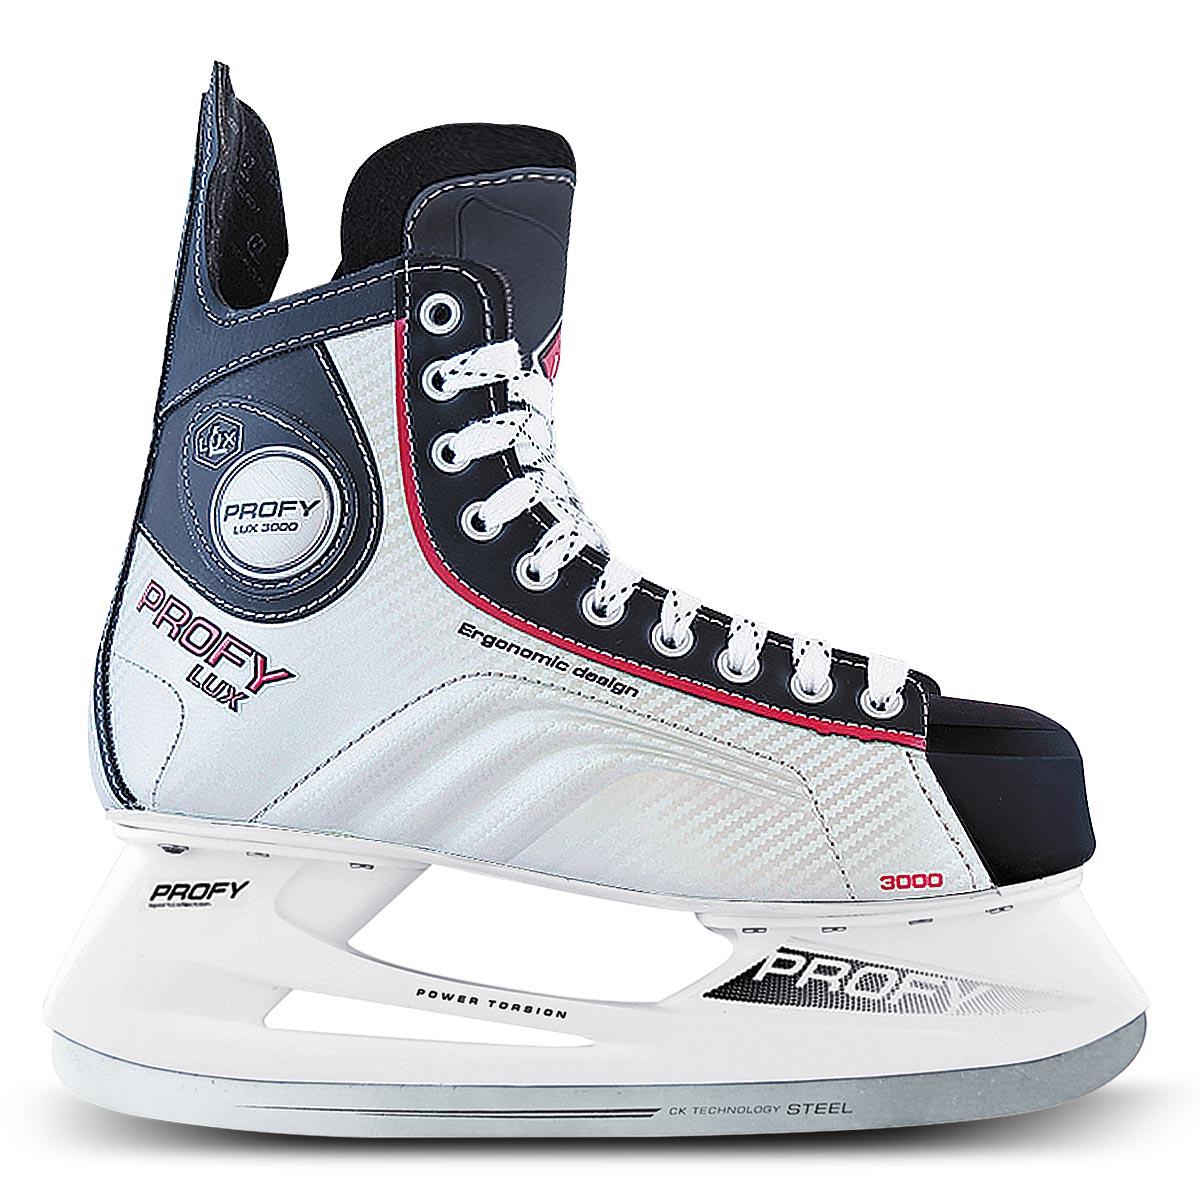 Коньки хоккейные мужские СК Profy Lux 3000, цвет: черный, серебряный, красный. Размер 44PROFY LUX 3000 Red_44Коньки хоккейные мужские СК Profy Lux 3000 прекрасно подойдут для профессиональных игроков в хоккей. Ботинок выполнен из морозоустойчивой искусственной кожи и специального резистентного ПВХ, а язычок - из двухслойного войлока и искусственной кожи. Слоевая композитная технология позволила изготовить ботинок, полностью обволакивающий ногу. Это обеспечивает прочную и удобную фиксацию ноги, повышает защиту от ударов. Ботинок изготовлен с учетом антропометрии стоп россиян, что обеспечивает комфорт и устойчивость ноги, правильное распределение нагрузки, сильно снижает травмоопасность. Конструкция носка ботинка, изготовленного из ударопрочного энергопоглощающего термопластичного полиуретана Hytrel® (DuPont), обеспечивает увеличенную надежность защиты передней части ступни от ударов. Усиленные боковины ботинка из формованного PVC укрепляют боковую часть ботинка и дополнительно защищают ступню от ударов за счет поглощения энергии. Тип застежки ботинок – классическая шнуровка. Стелька из упругого пенного полимерного материала EVA гарантирует комфортное положение ноги в ботинке, обеспечивает быструю адаптацию ботинка к индивидуальным формам ноги, не теряет упругости при изменении температуры и не разрушается от воздействия пота и влаги. Легкая прочная низкопрофильная полимерная подошва инжекционного формования практически без потерь передает энергию от толчка ноги к лезвию – быстрее набор скорости, резче повороты и остановки, острее чувство льда. Лезвие из нержавеющей стали 420J обеспечит превосходное скольжение.